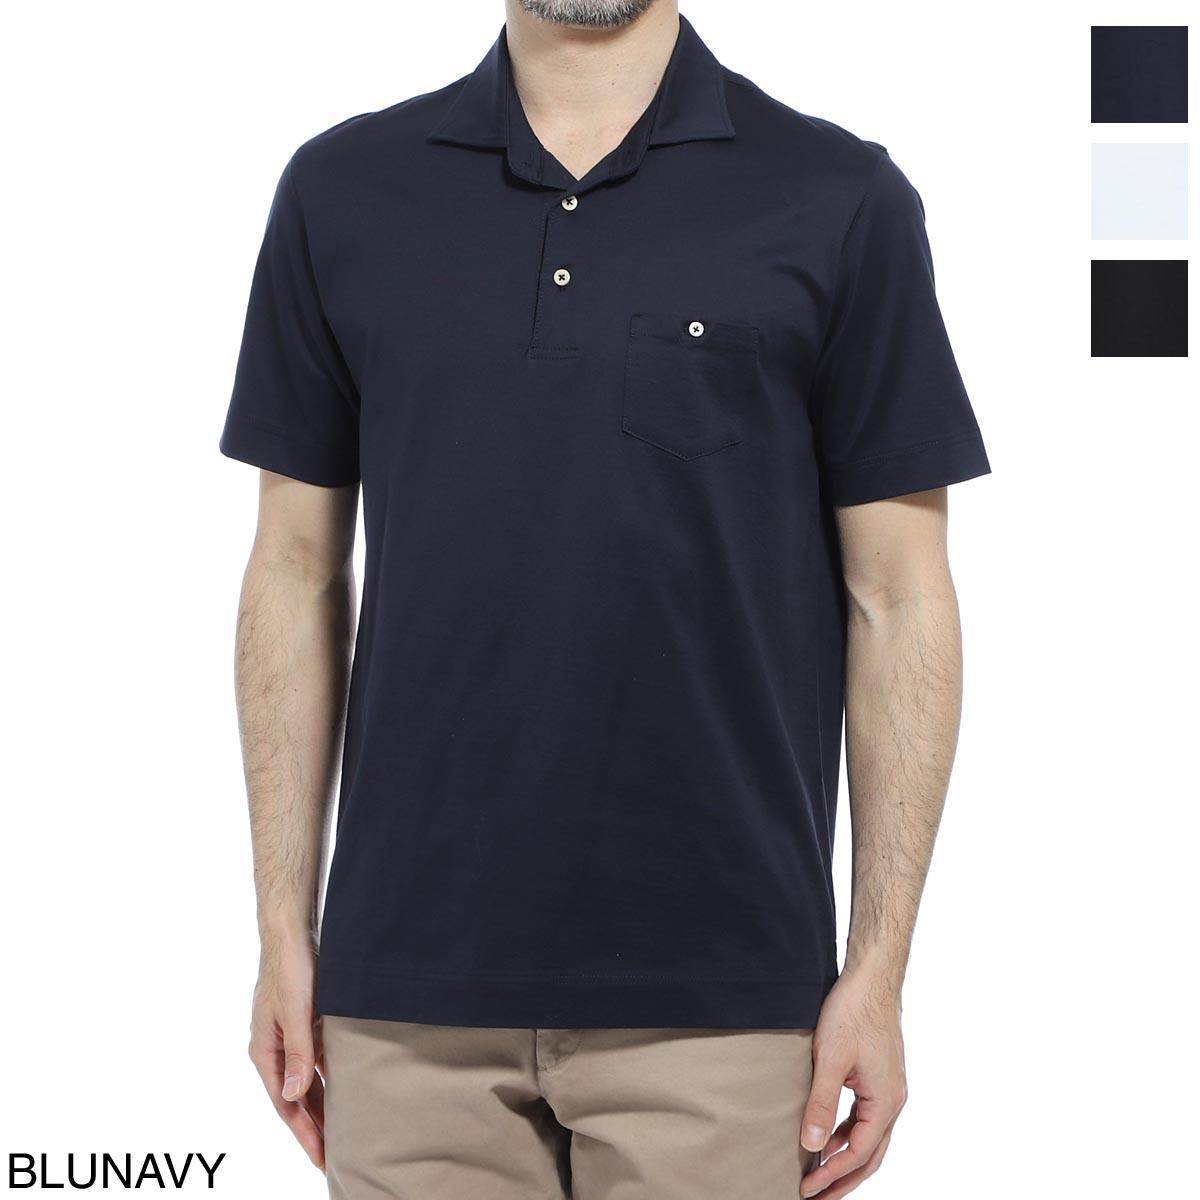 チルコロ CIRCOLO 1901 ポロシャツ メンズ cn2698 447 POLO M/M JERSEY【あす楽対応_関東】【返品送料無料】【ラッピング無料】